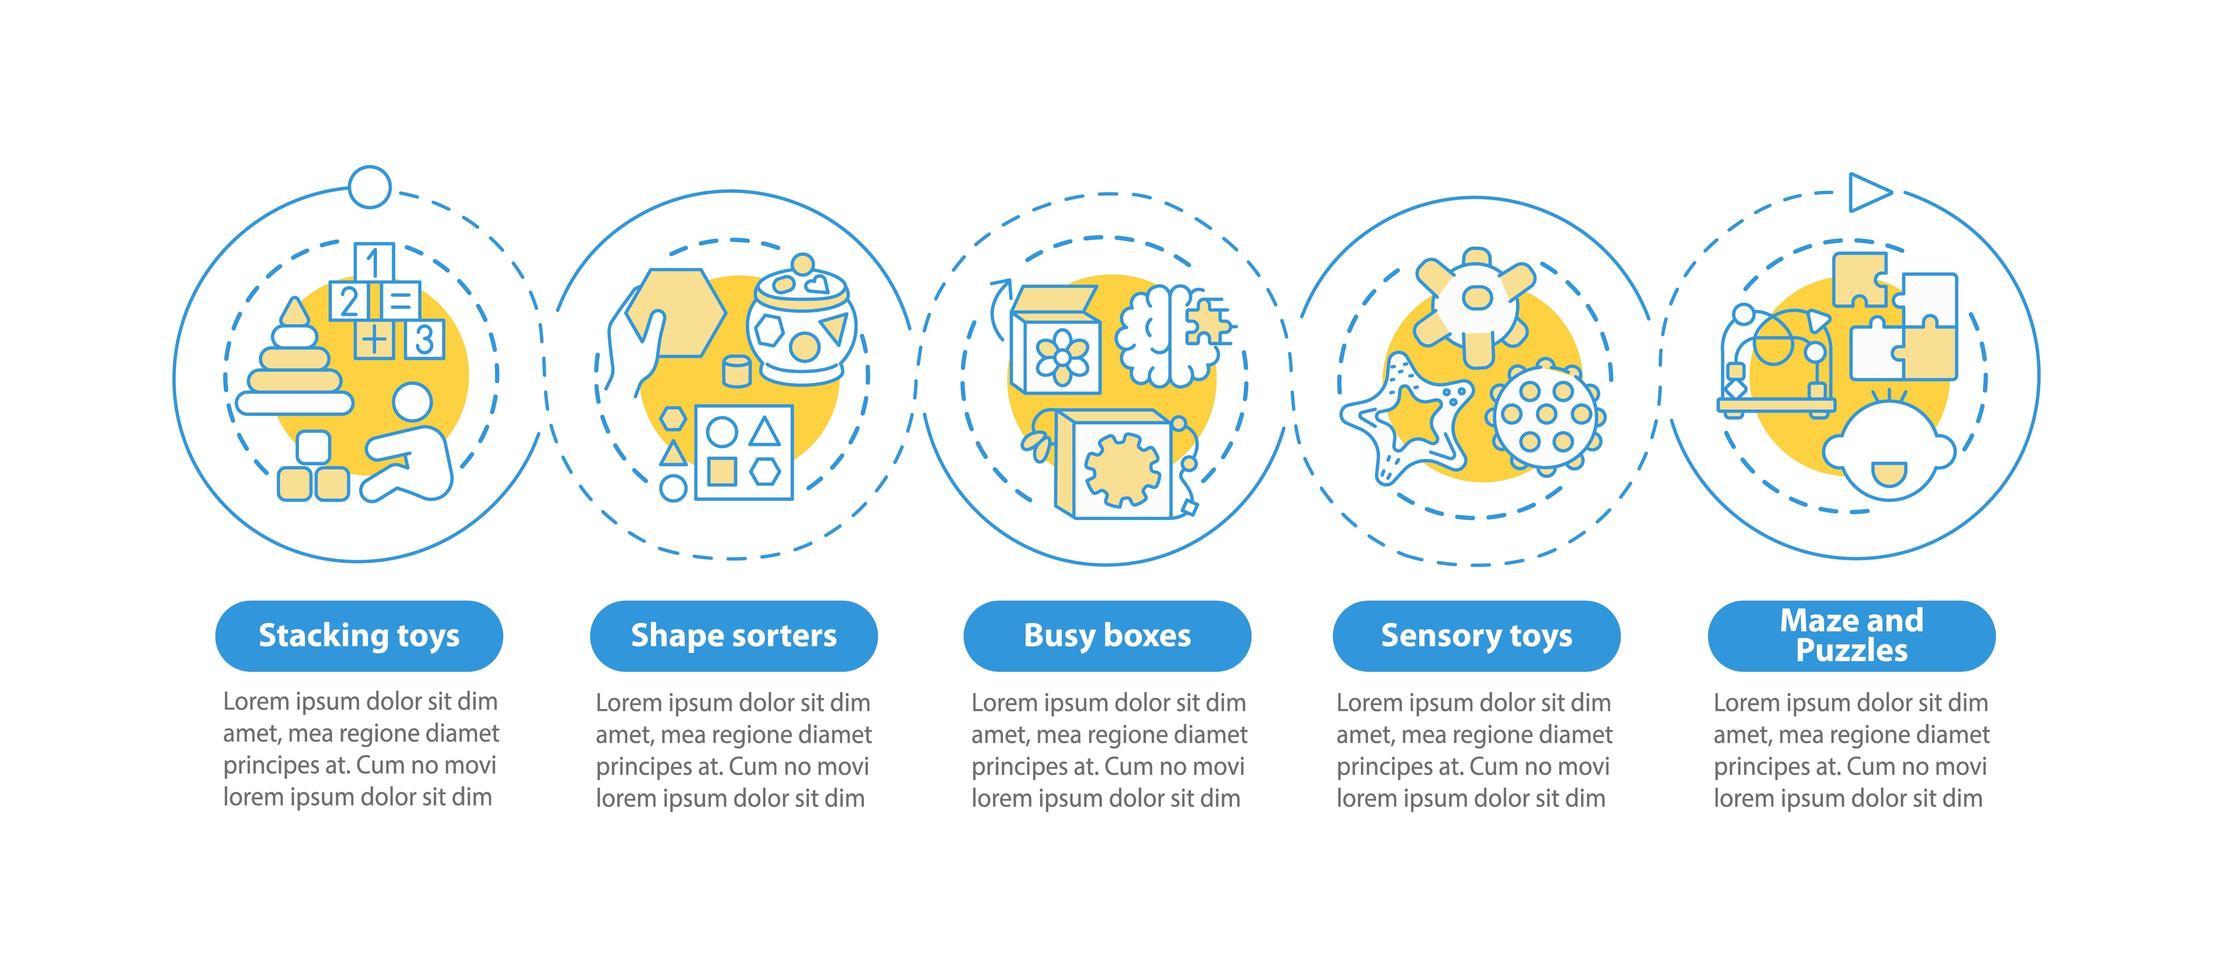 juguetes para el desarrollo infantil temprano plantilla de infografía vectorial vector